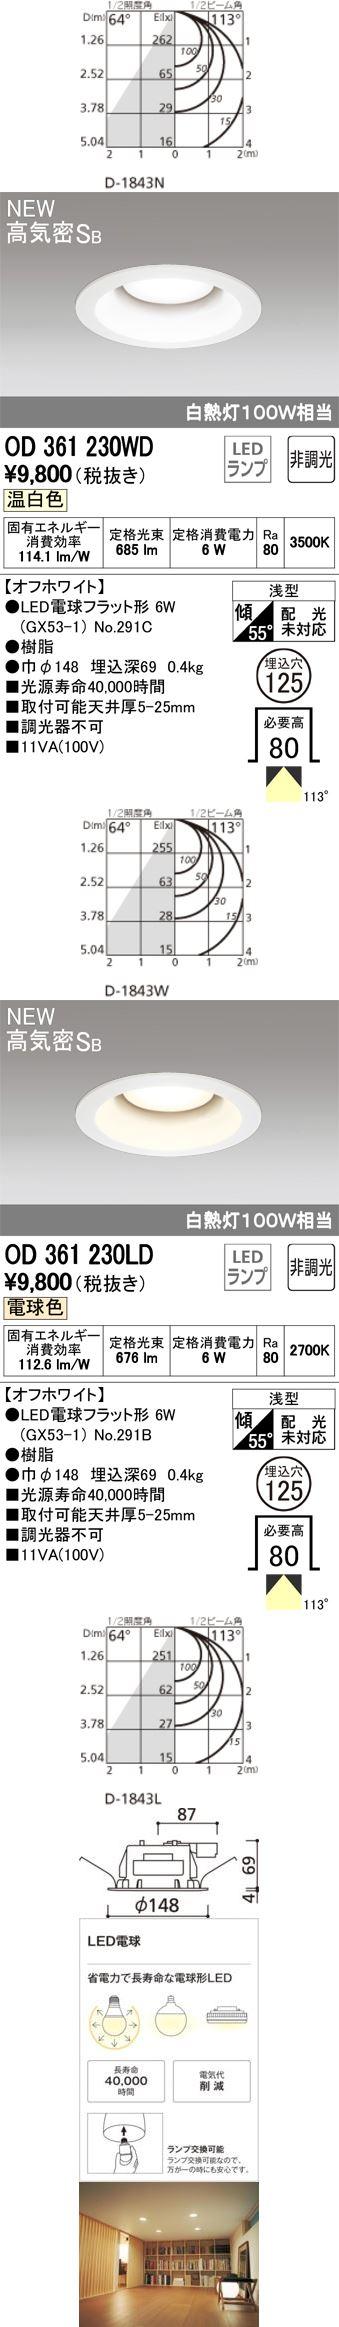 オーデリック LED電球型ダウンライト 非調光 125φ 白熱灯100W相当 OD361230ND S他